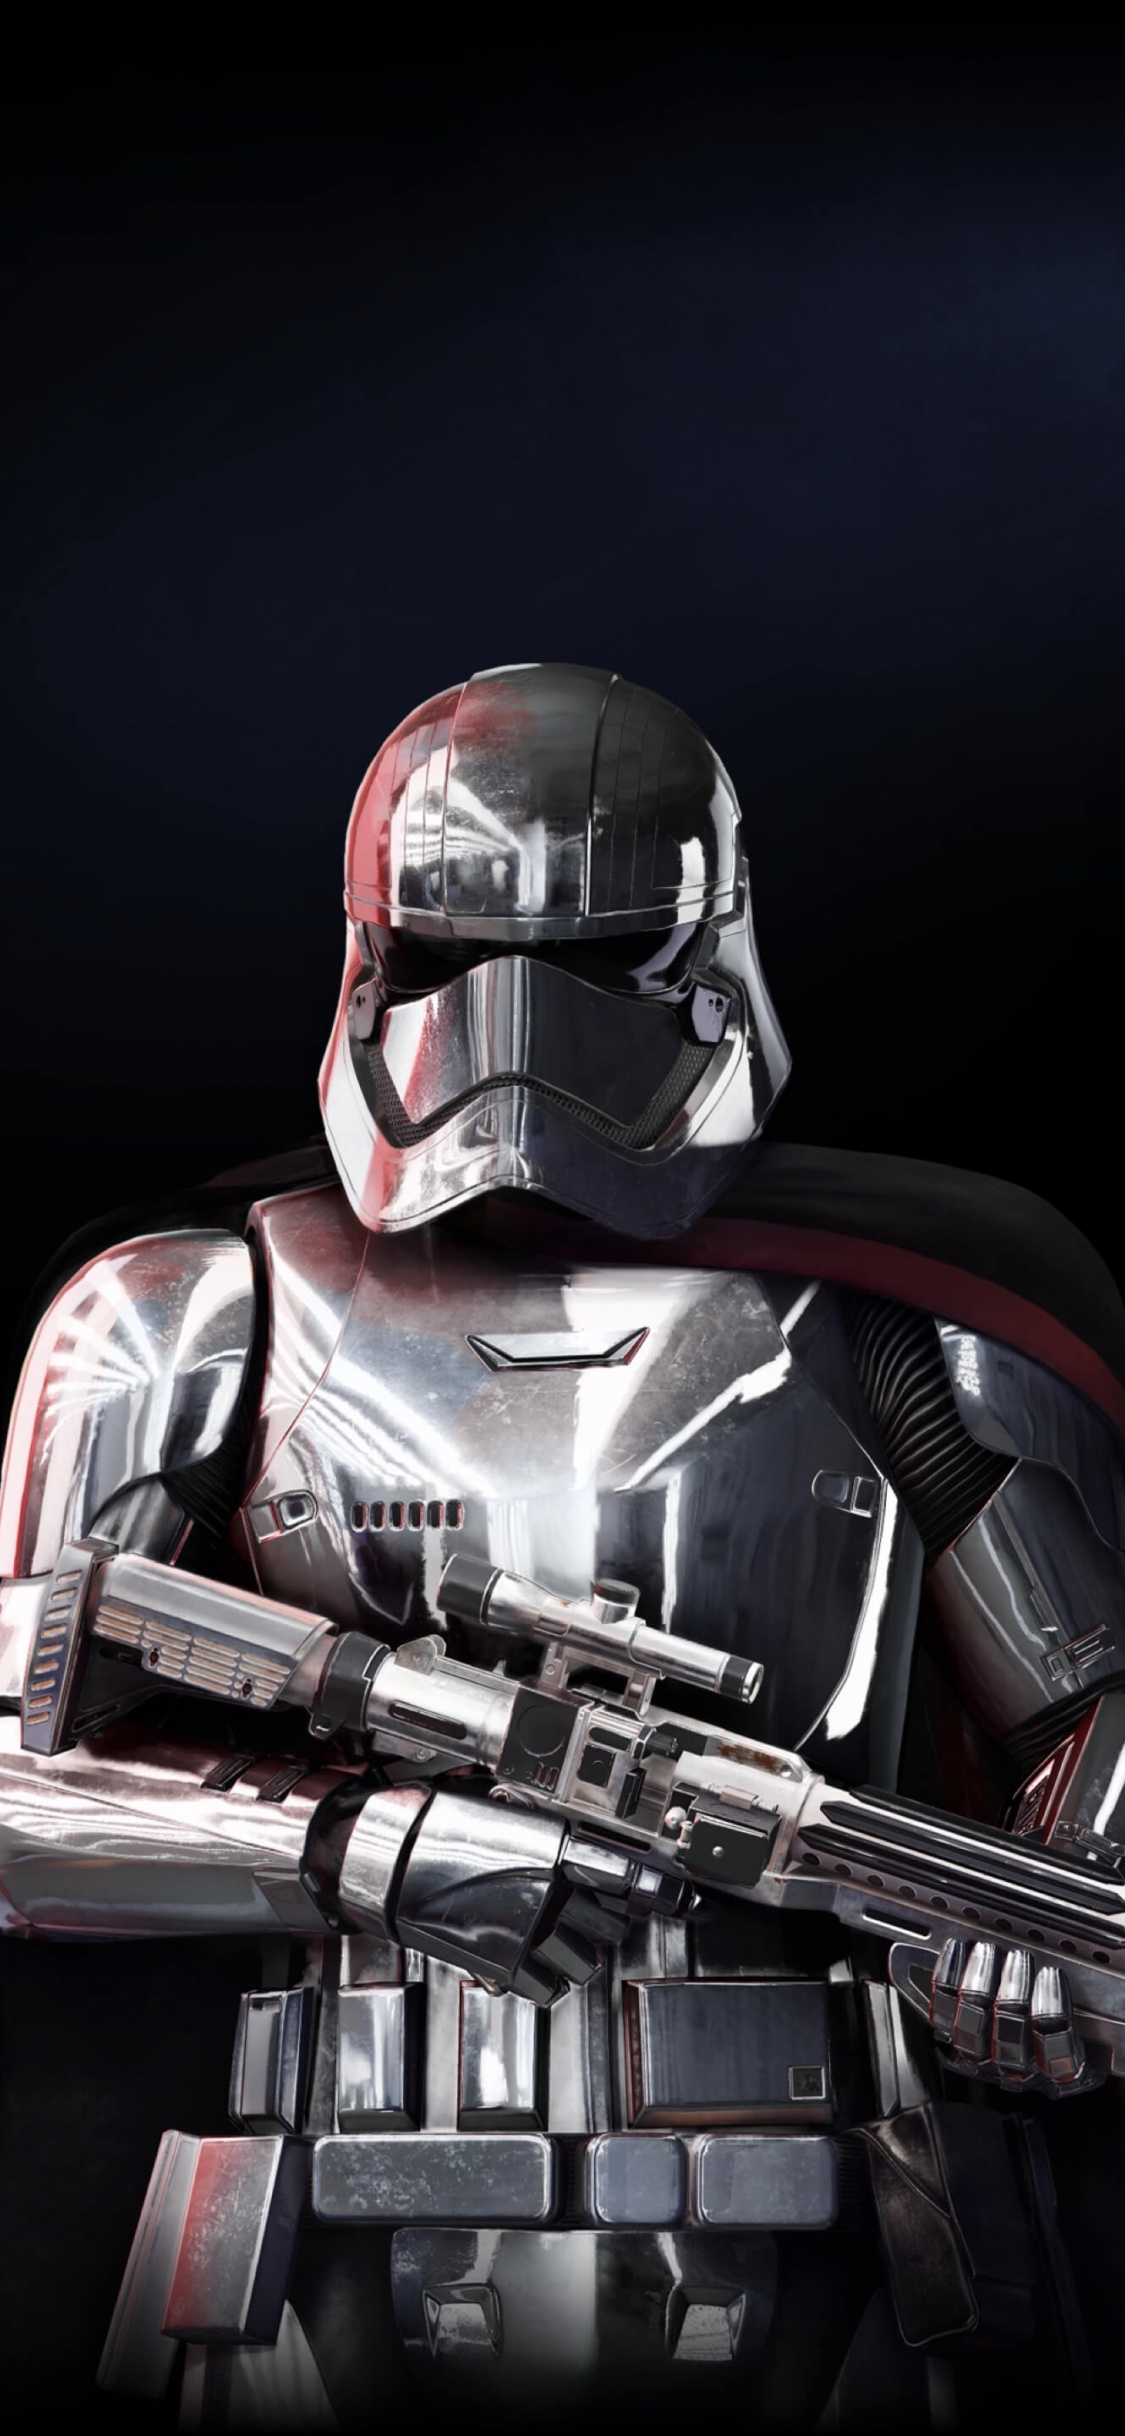 Captain Phasma Star Wars Battlefront 2 Soldier Wallpaper Captain Phasma Battlefront 2 1125x2436 Wallpaper Teahub Io